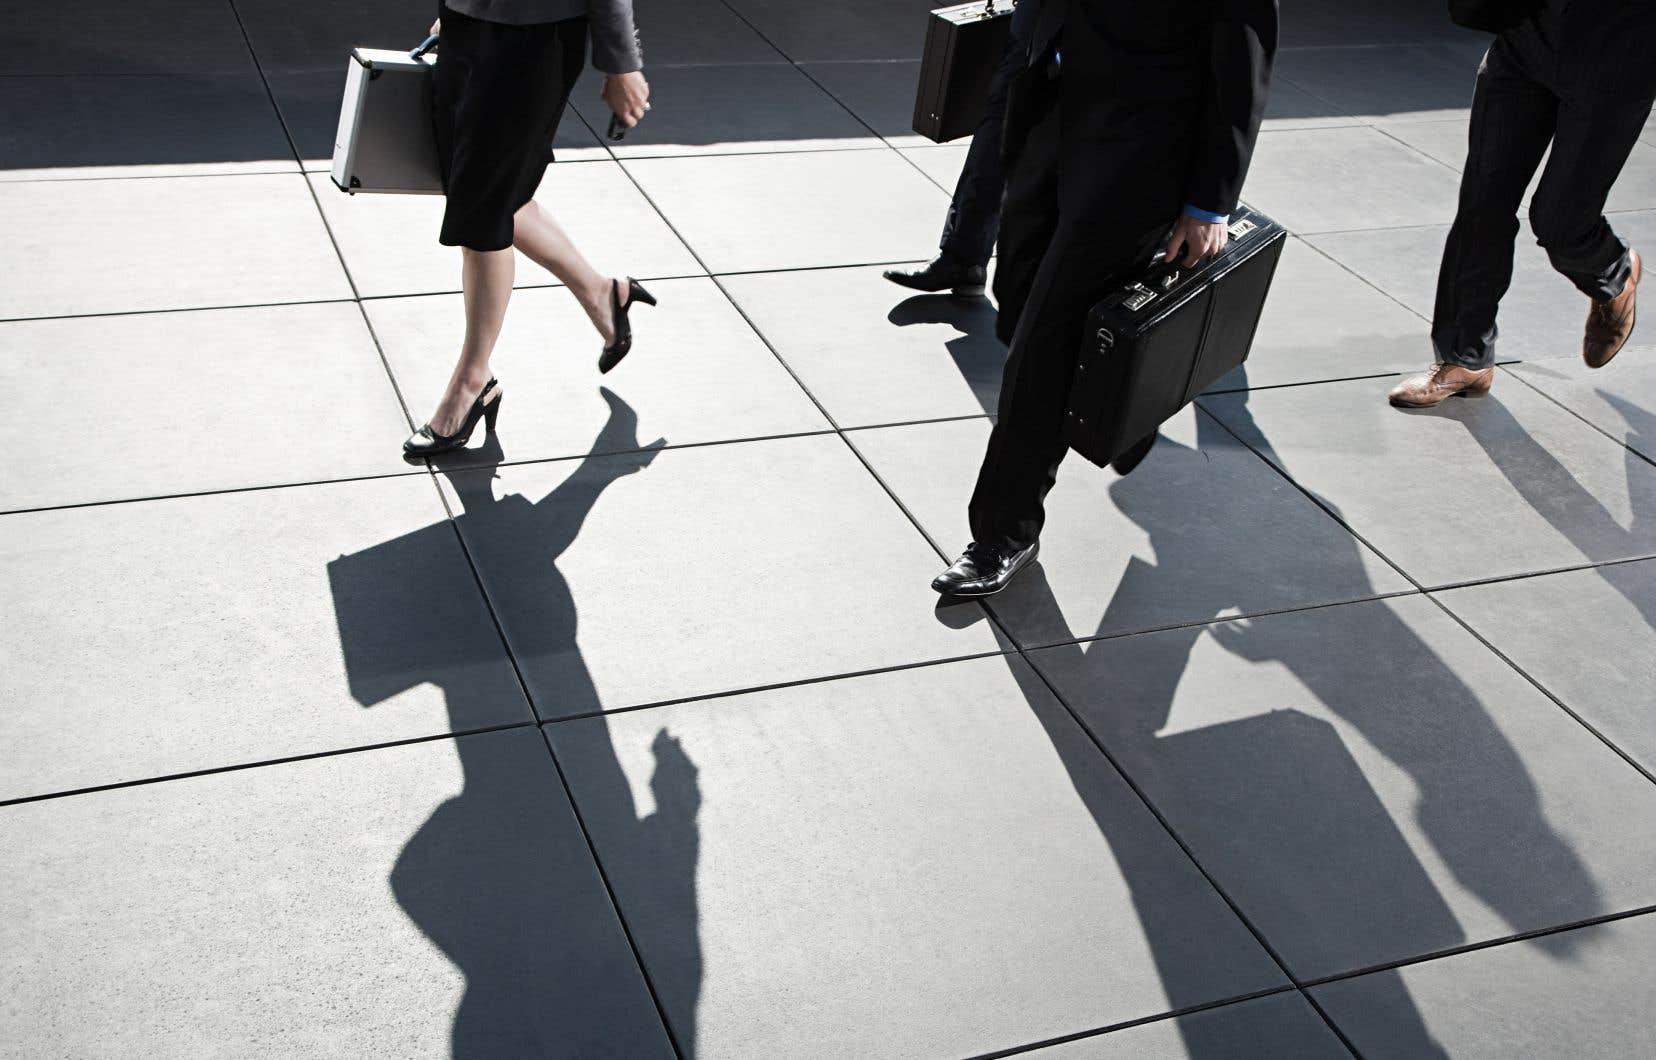 Seulement neuf entreprises se retrouvent dans la zone d'au moins 40% de femmes au sein des conseils d'administration, une seule affichant la parité avec l'entreprise Saputo.